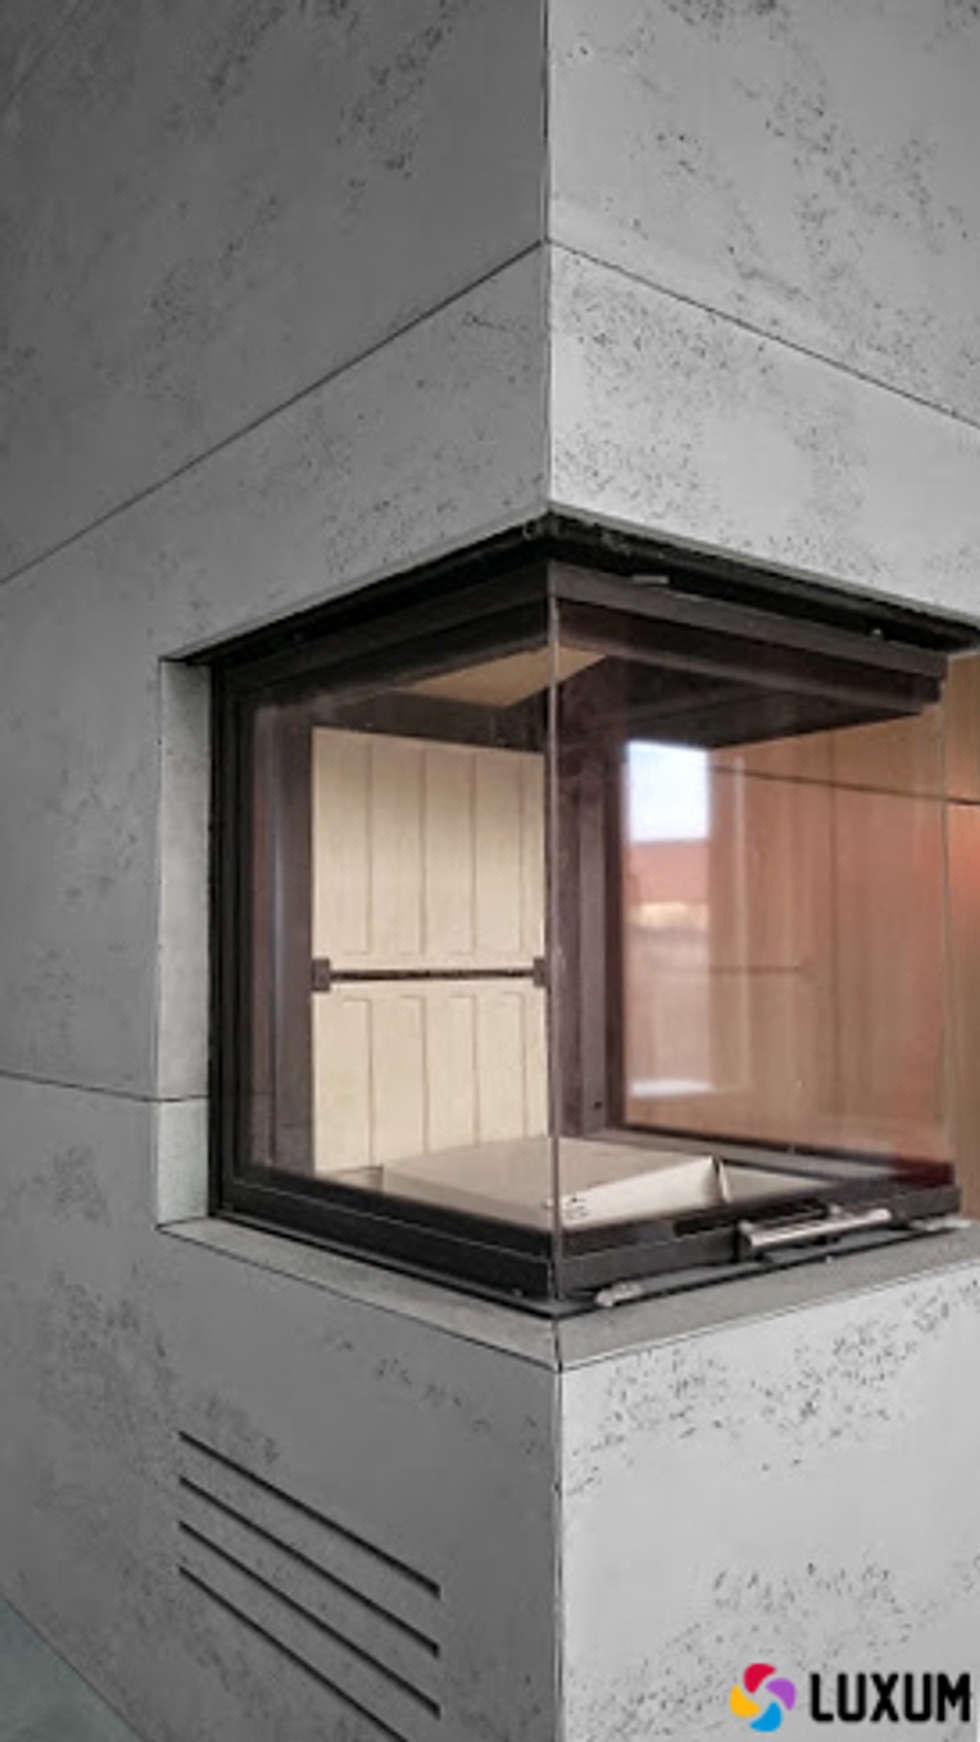 Płyty z betonu od Luxum: styl , w kategorii Salon zaprojektowany przez Luxum